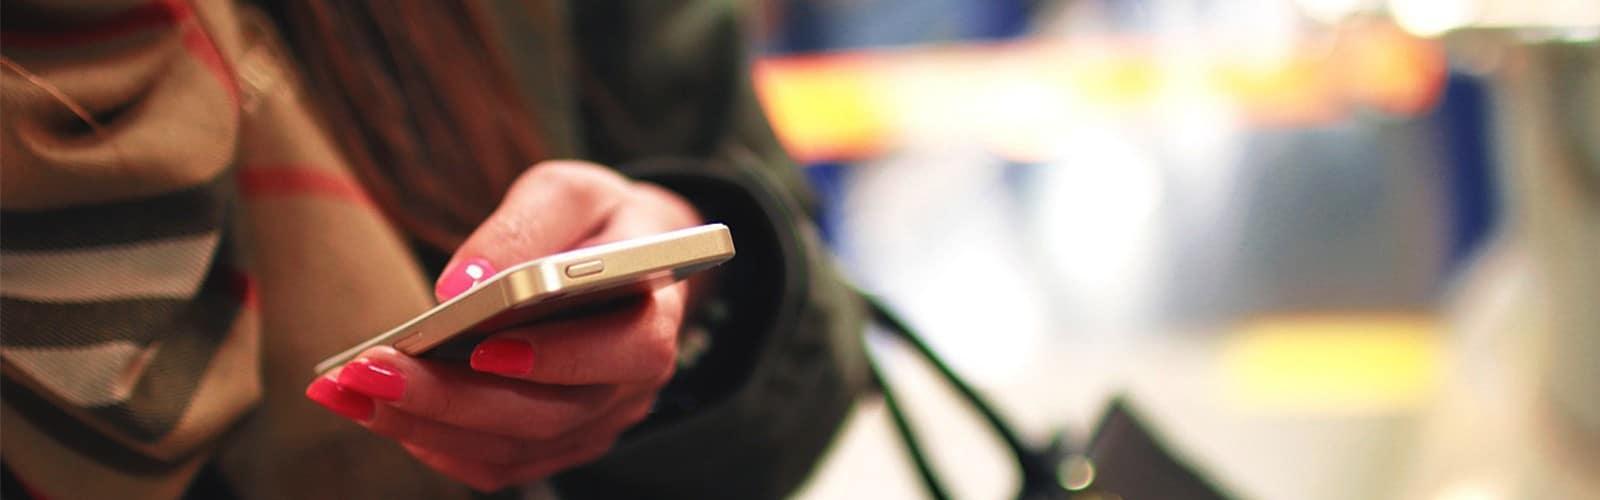 L'importance des campagnes SMS dans une stratégie d'acquisition clients